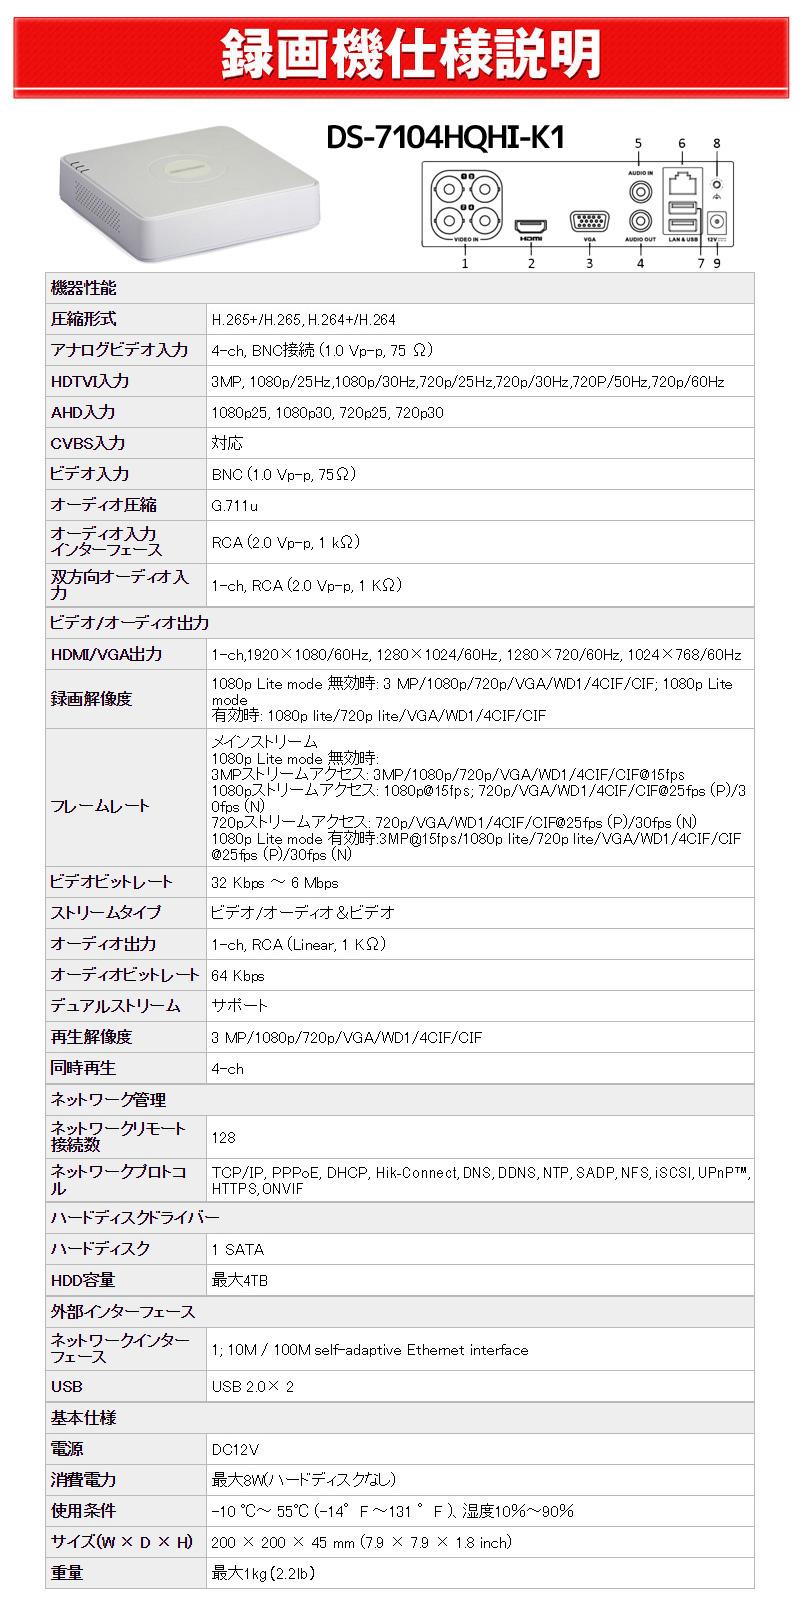 録画機使用説明 4CH TVI DS-7204HQHI-F1/N